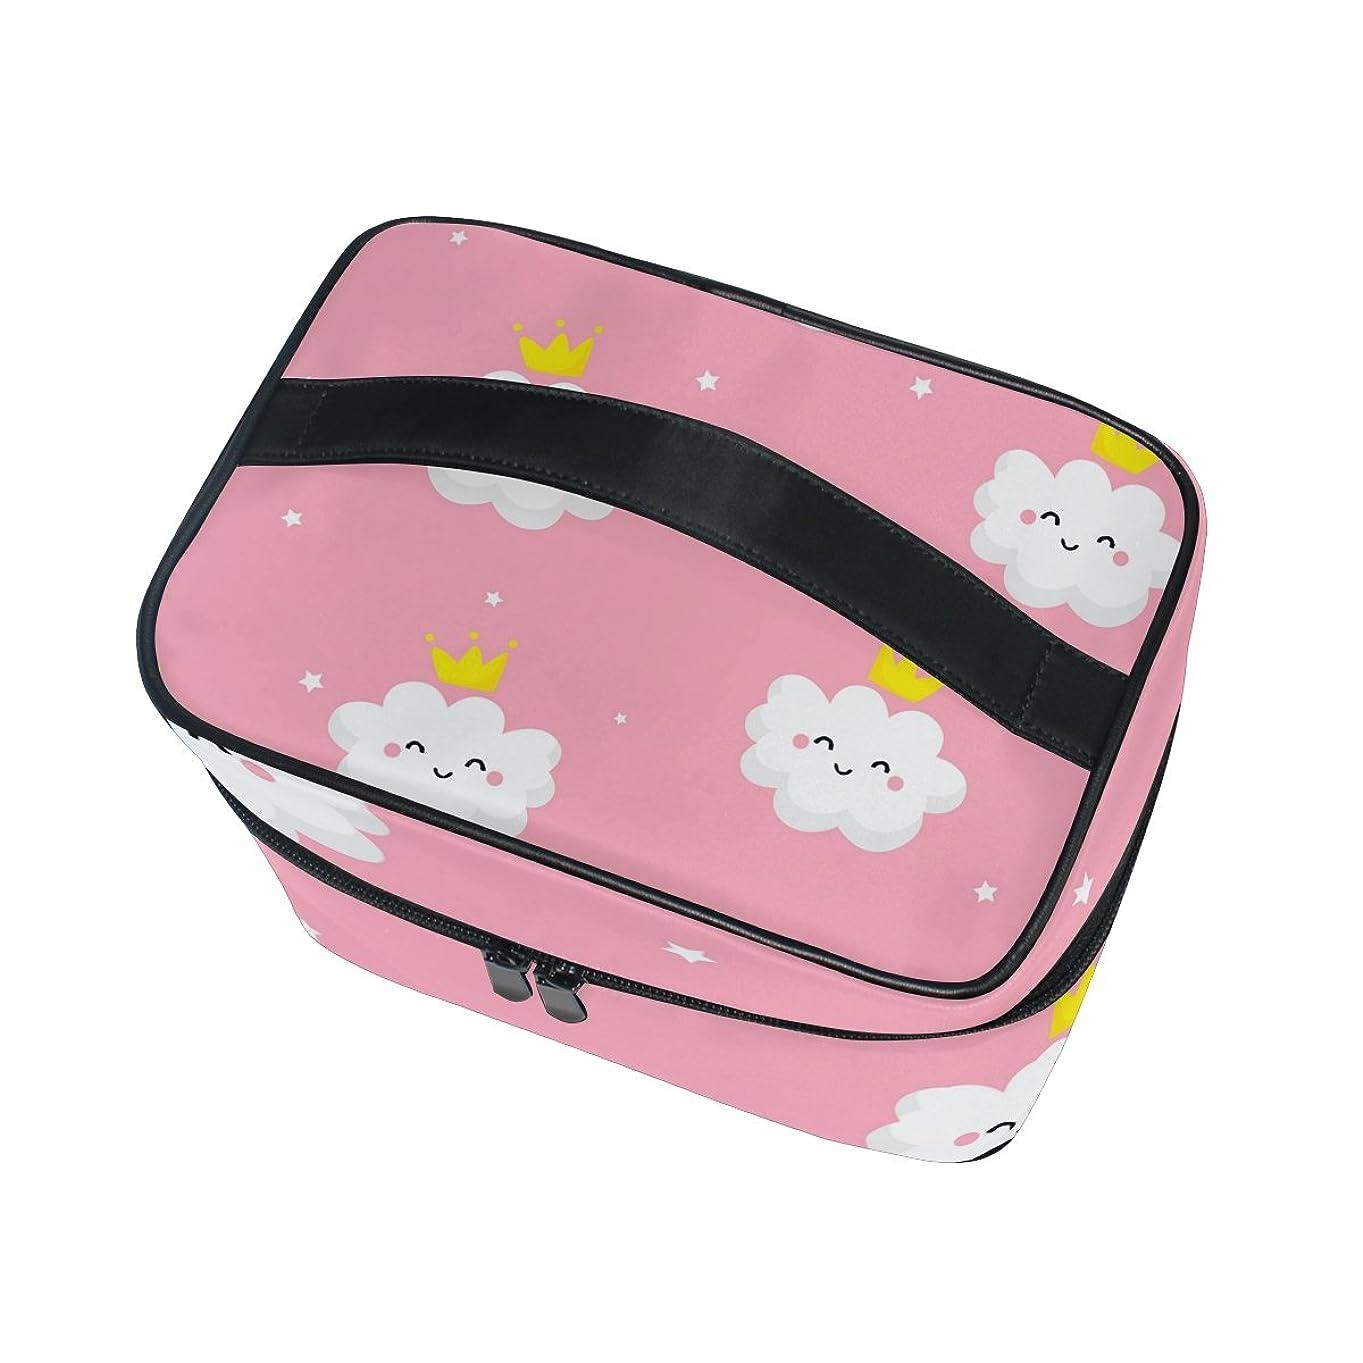 データム原点ボンドALAZA 化粧ポーチ プリンセス 姫系 化粧 メイクボックス 収納用品 ピンク 大きめ かわいい